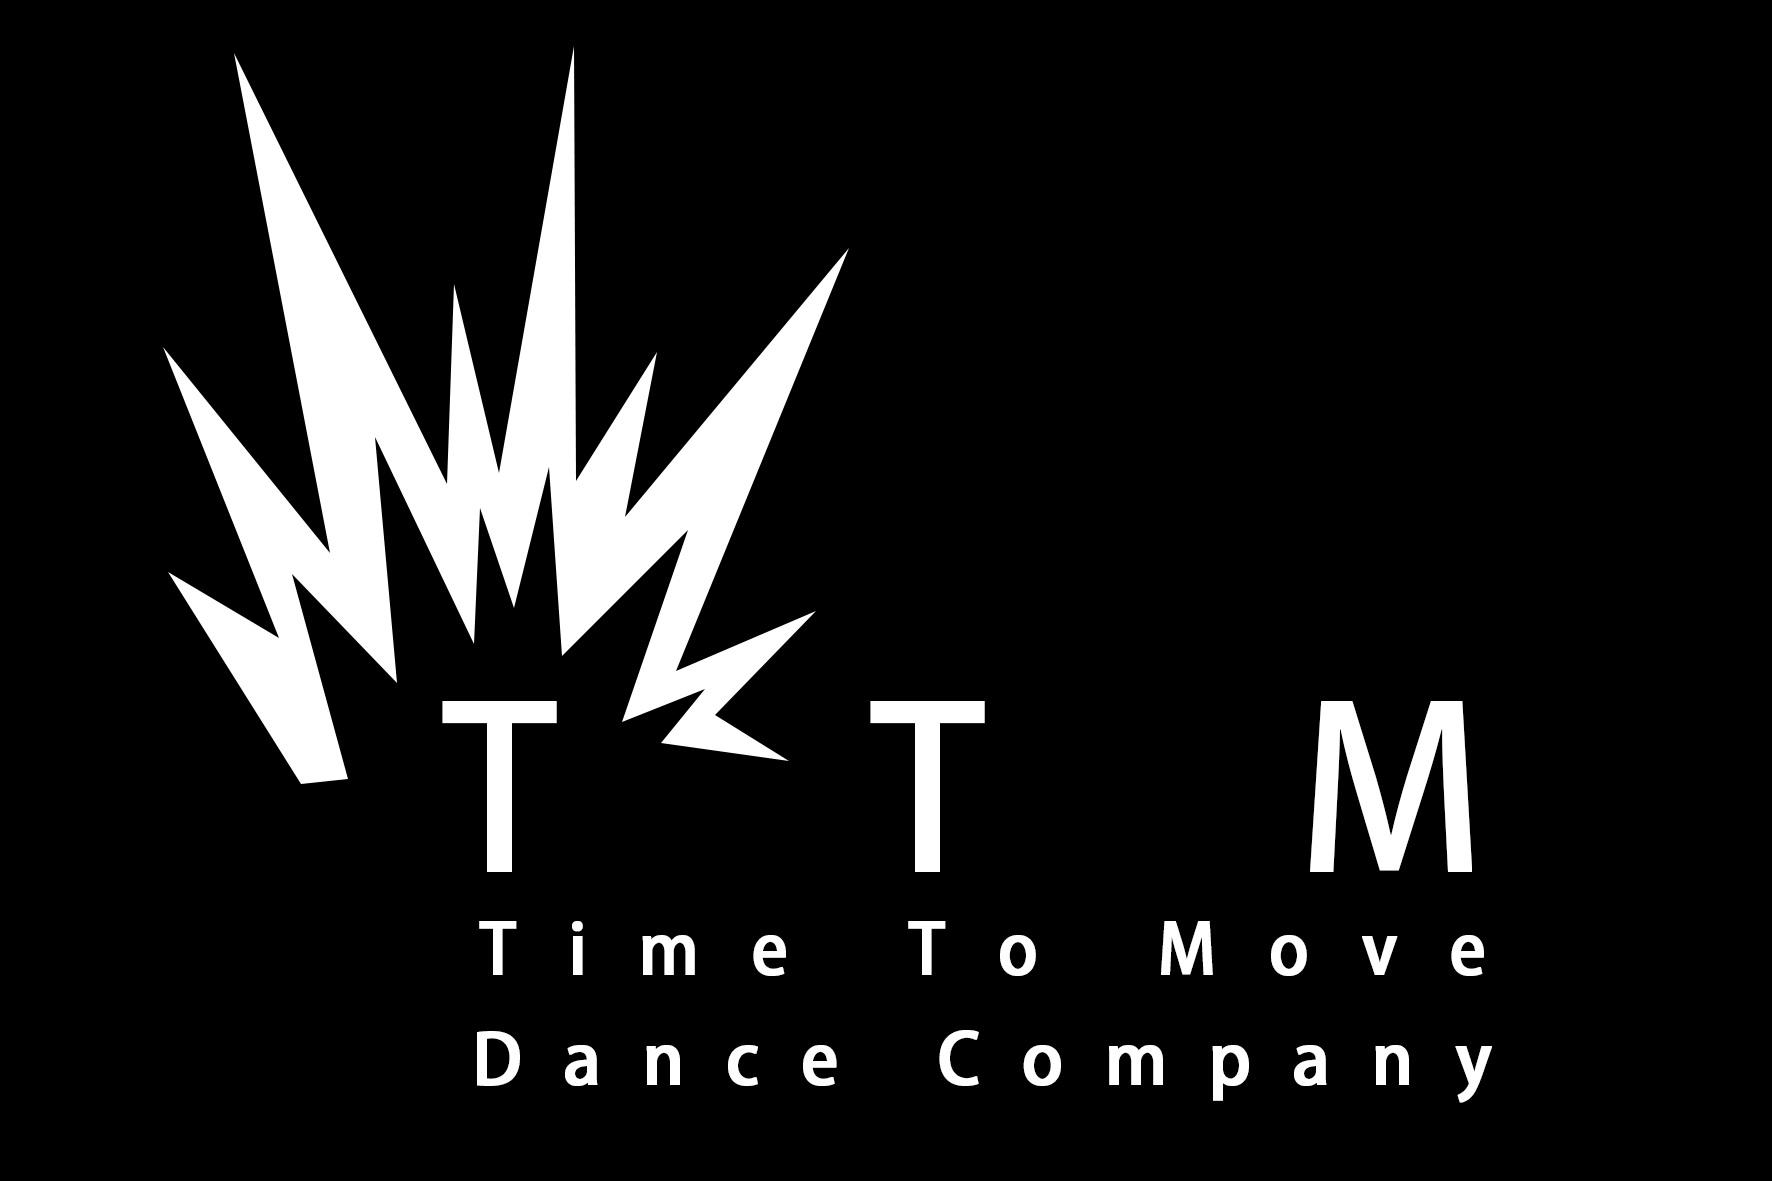 TTM+logo+Vers1+White+on+Black+-+Annick+Coopmans.jpg